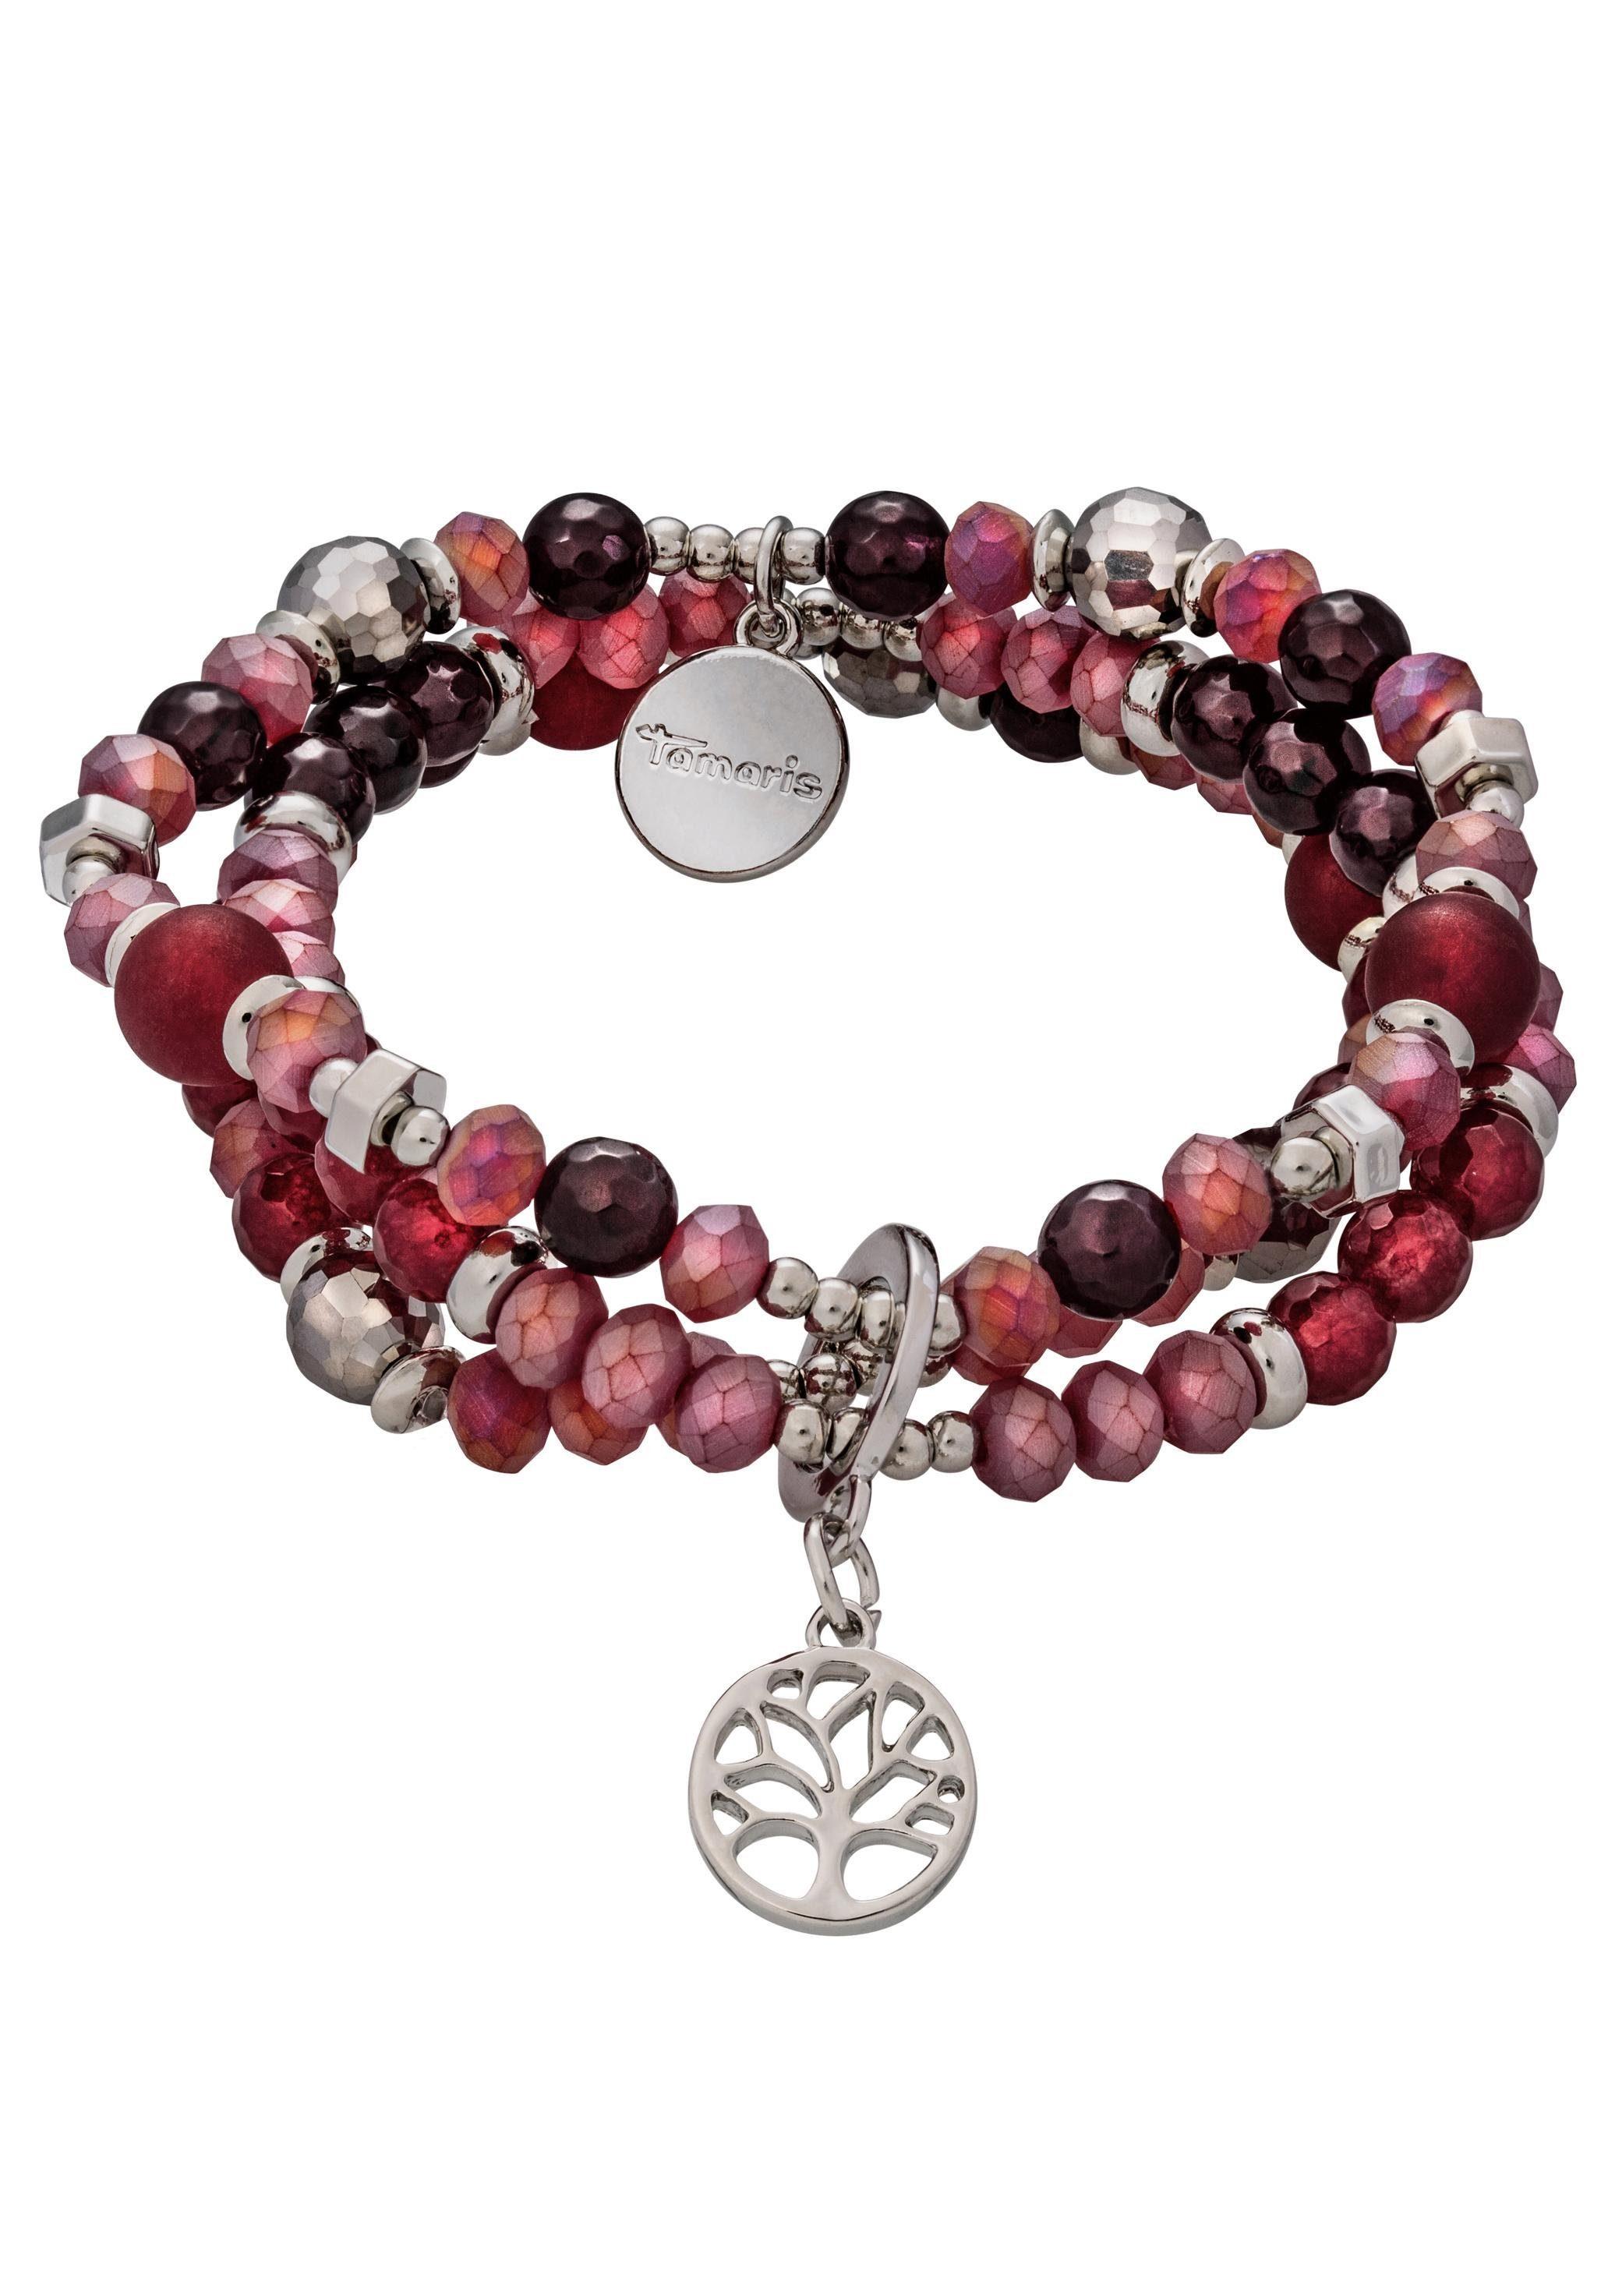 Tamaris Armband »Lebensbaum Jana, TF024«, mit Glassteinen online kaufen | OTTO